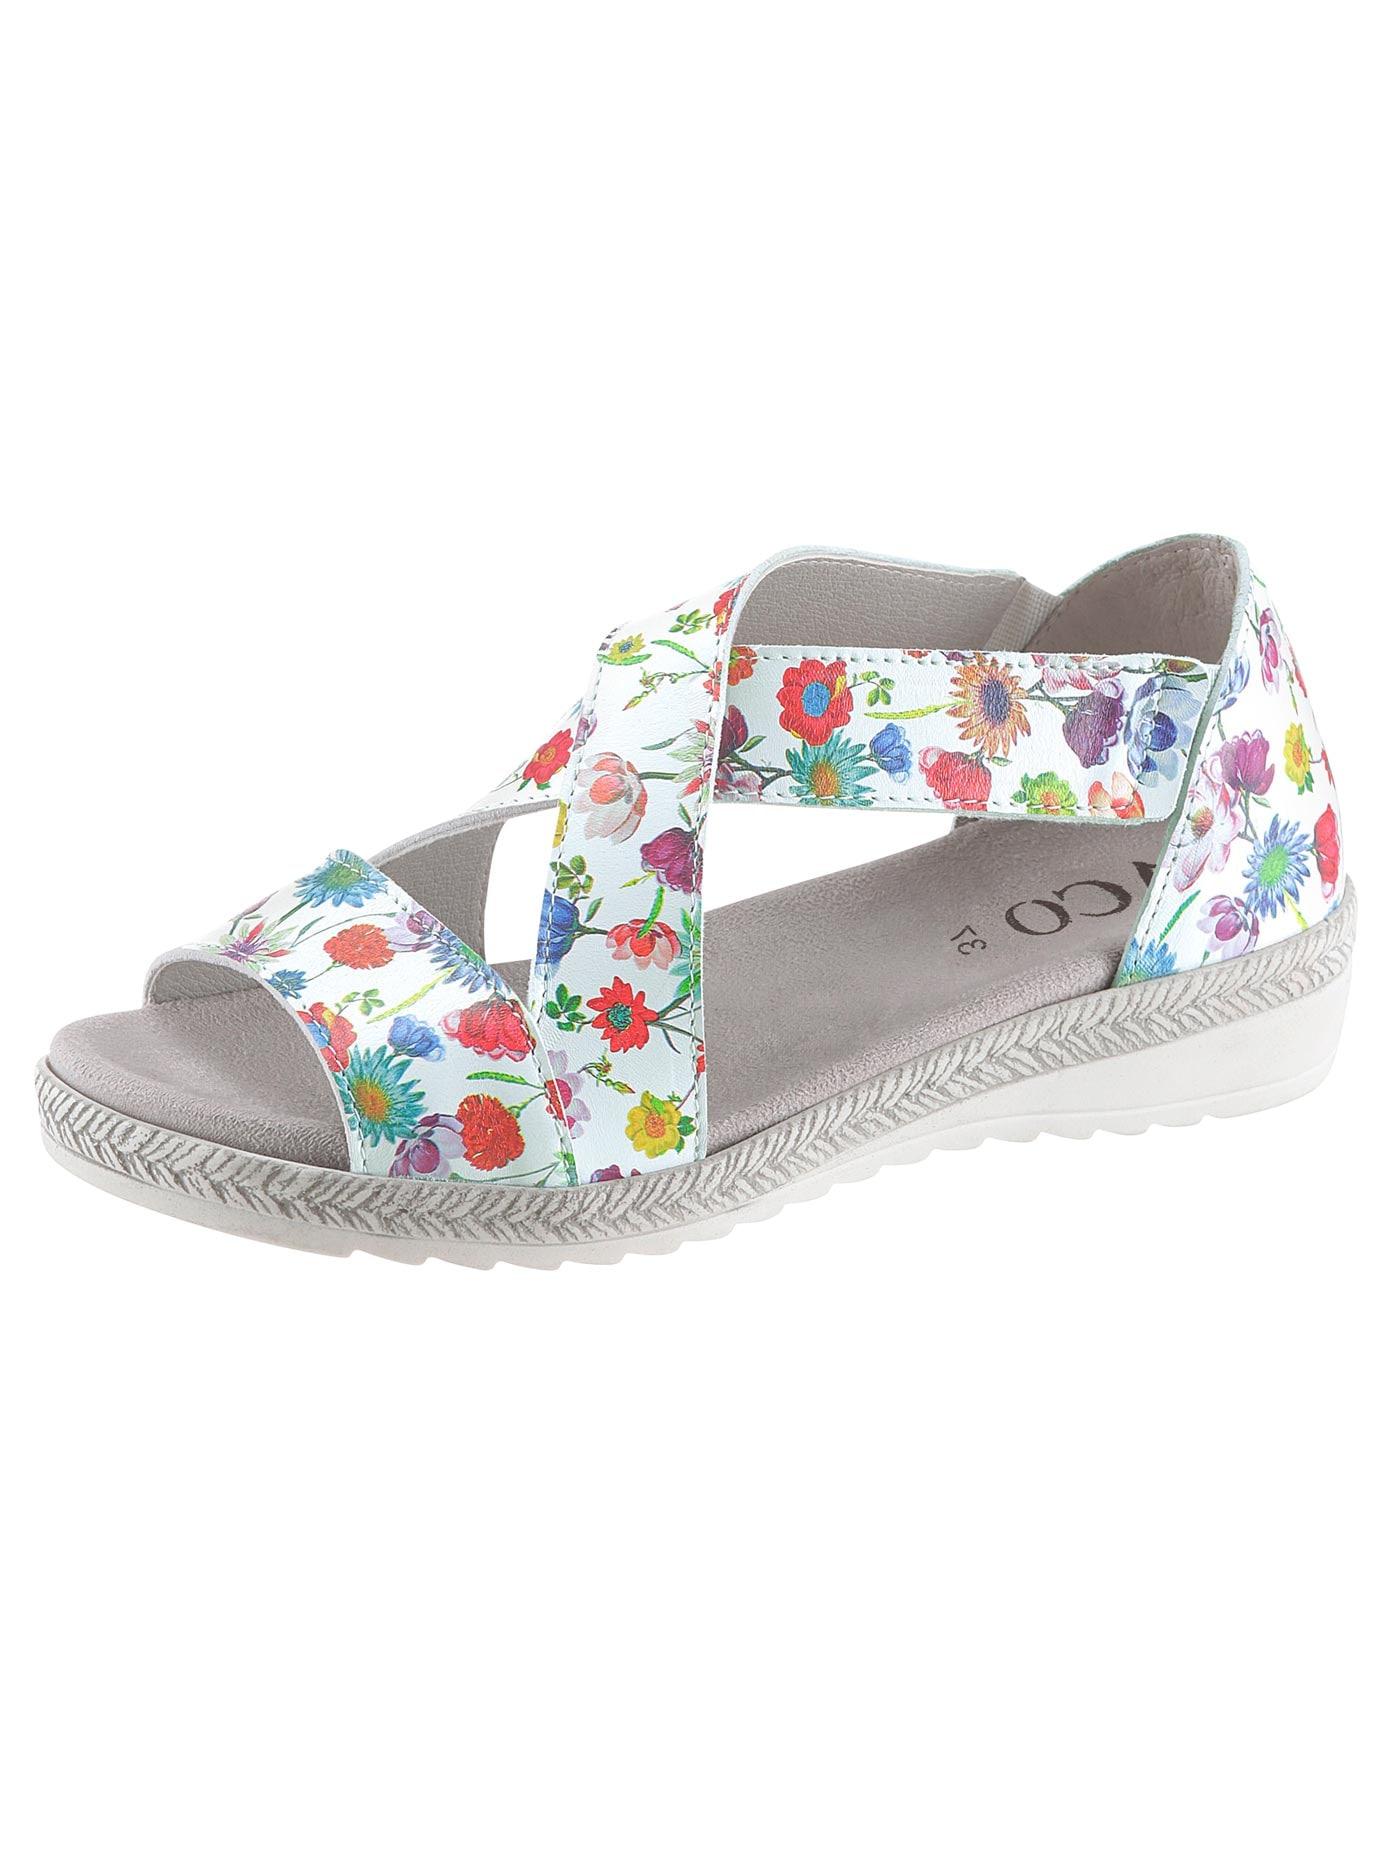 Aco Sandalette bunt Damen Sandaletten Sandalen